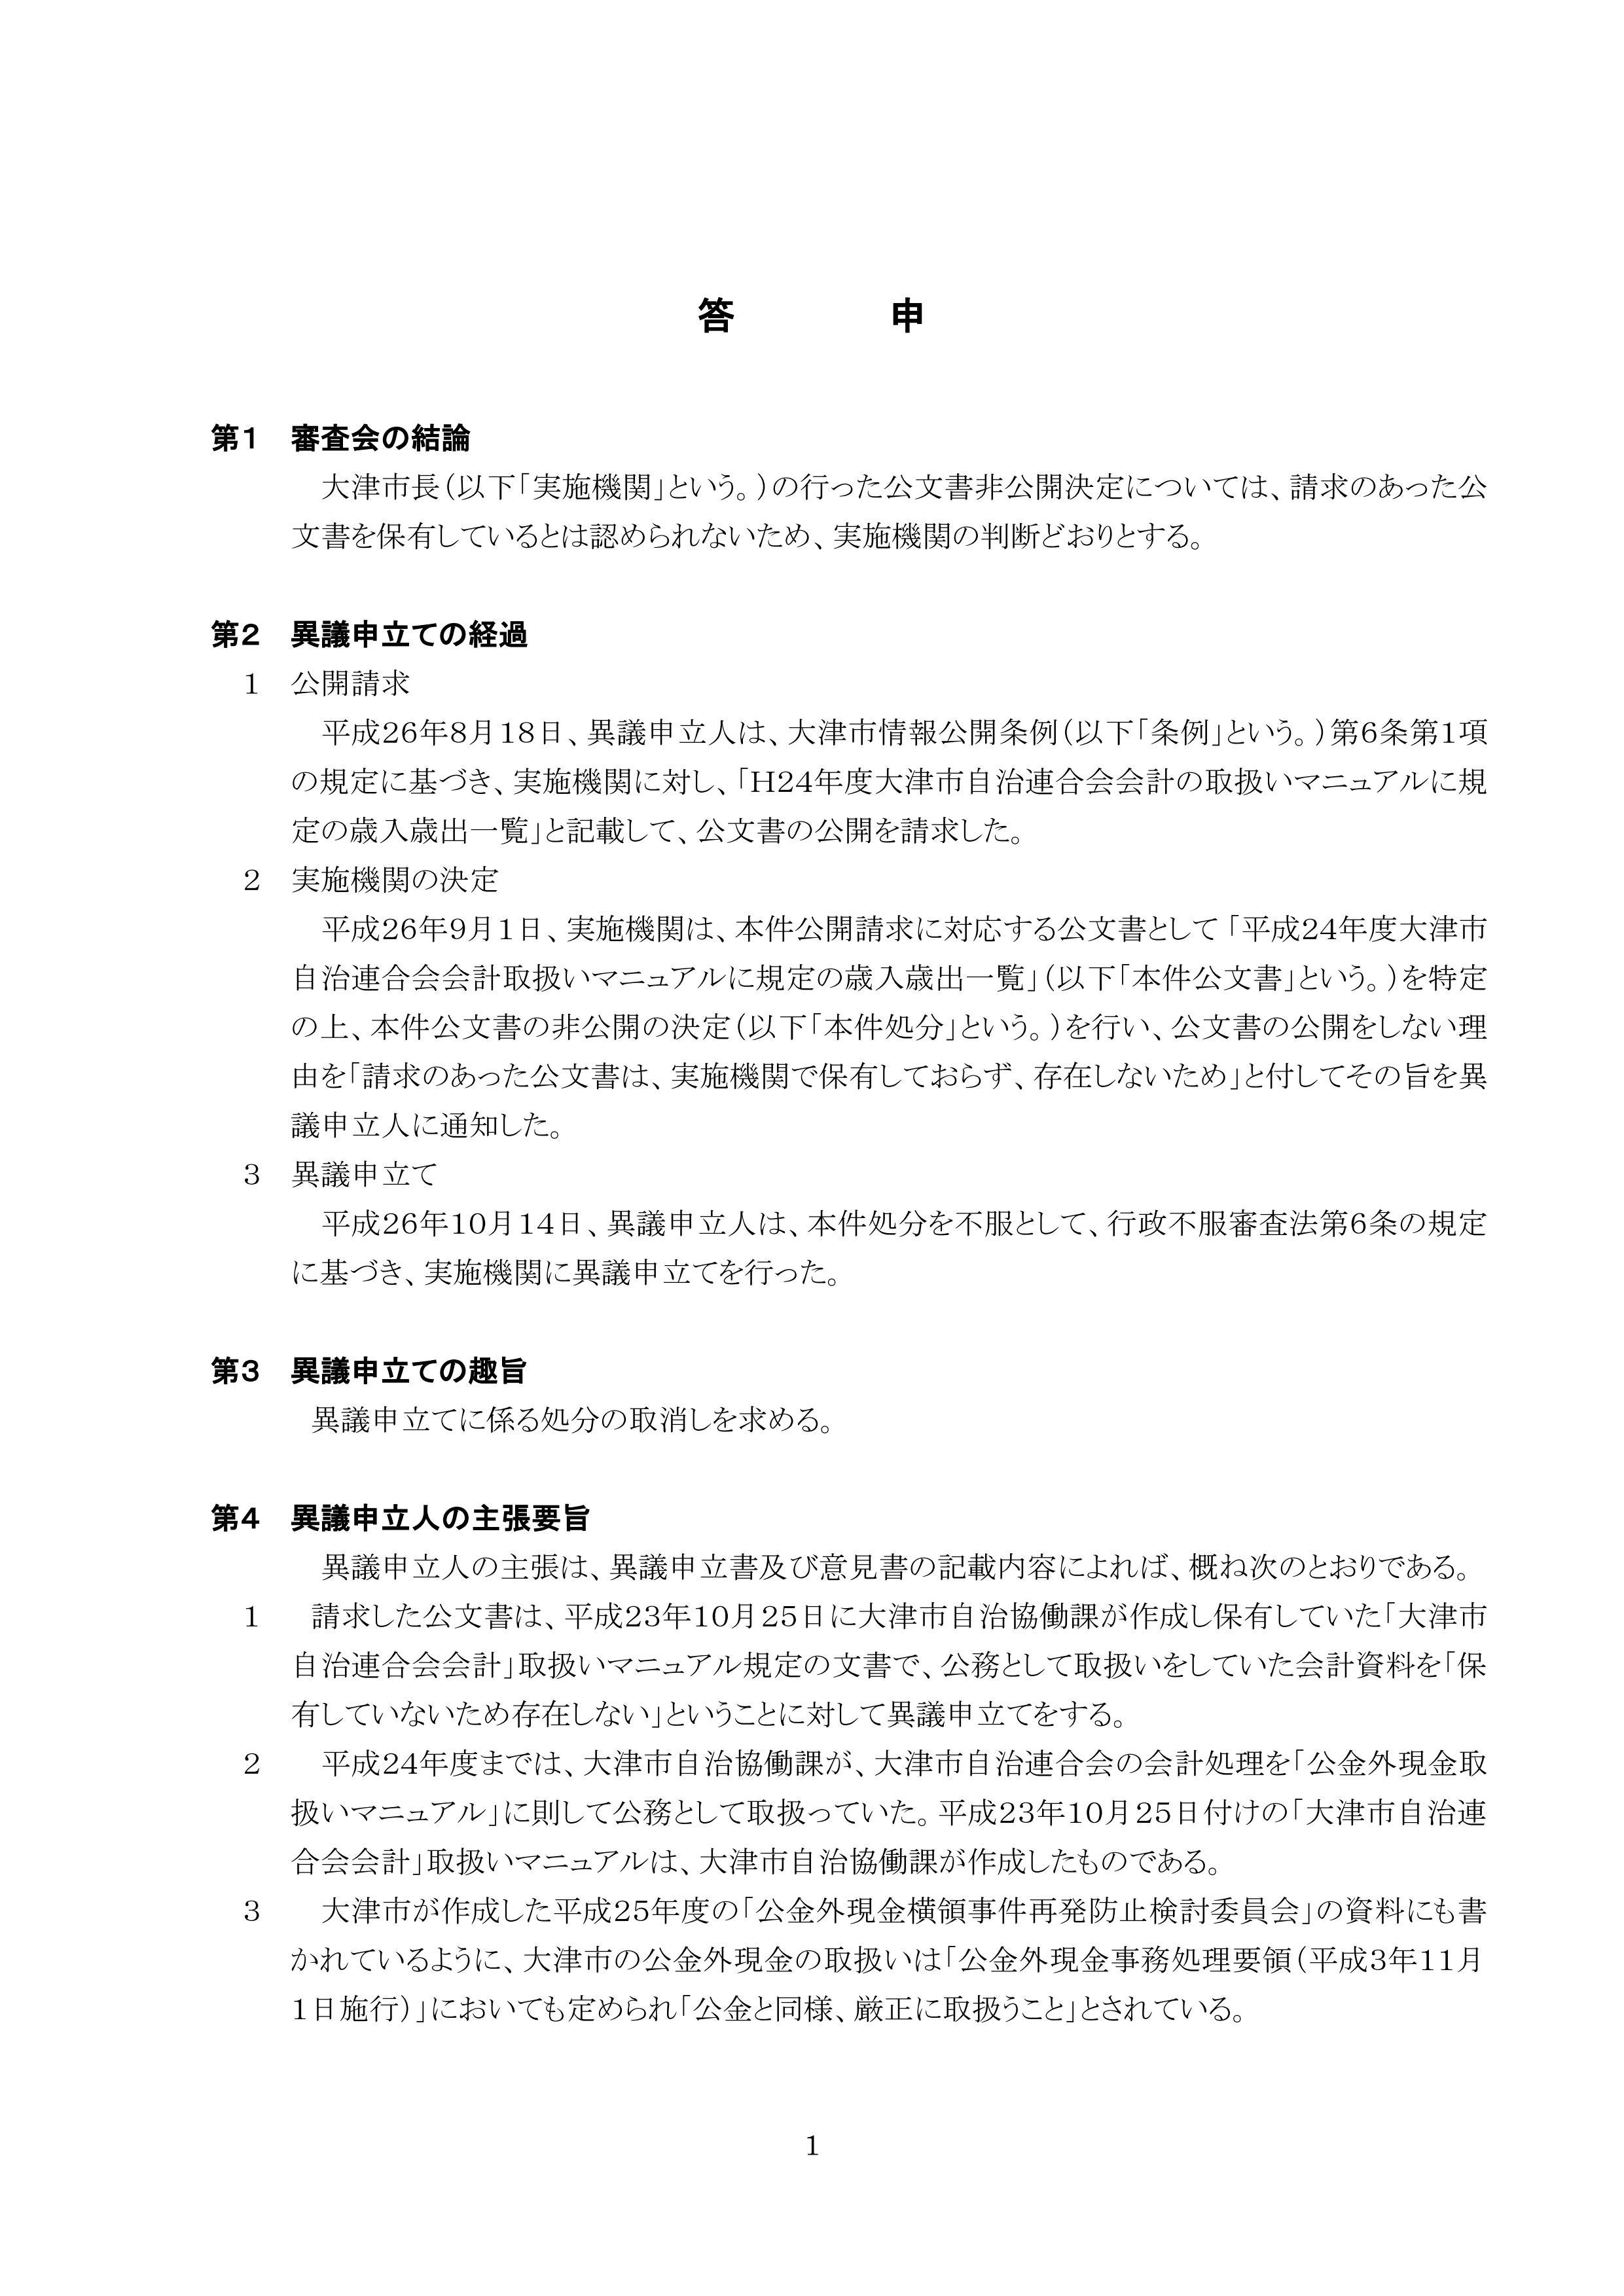 大津市の答申27_03